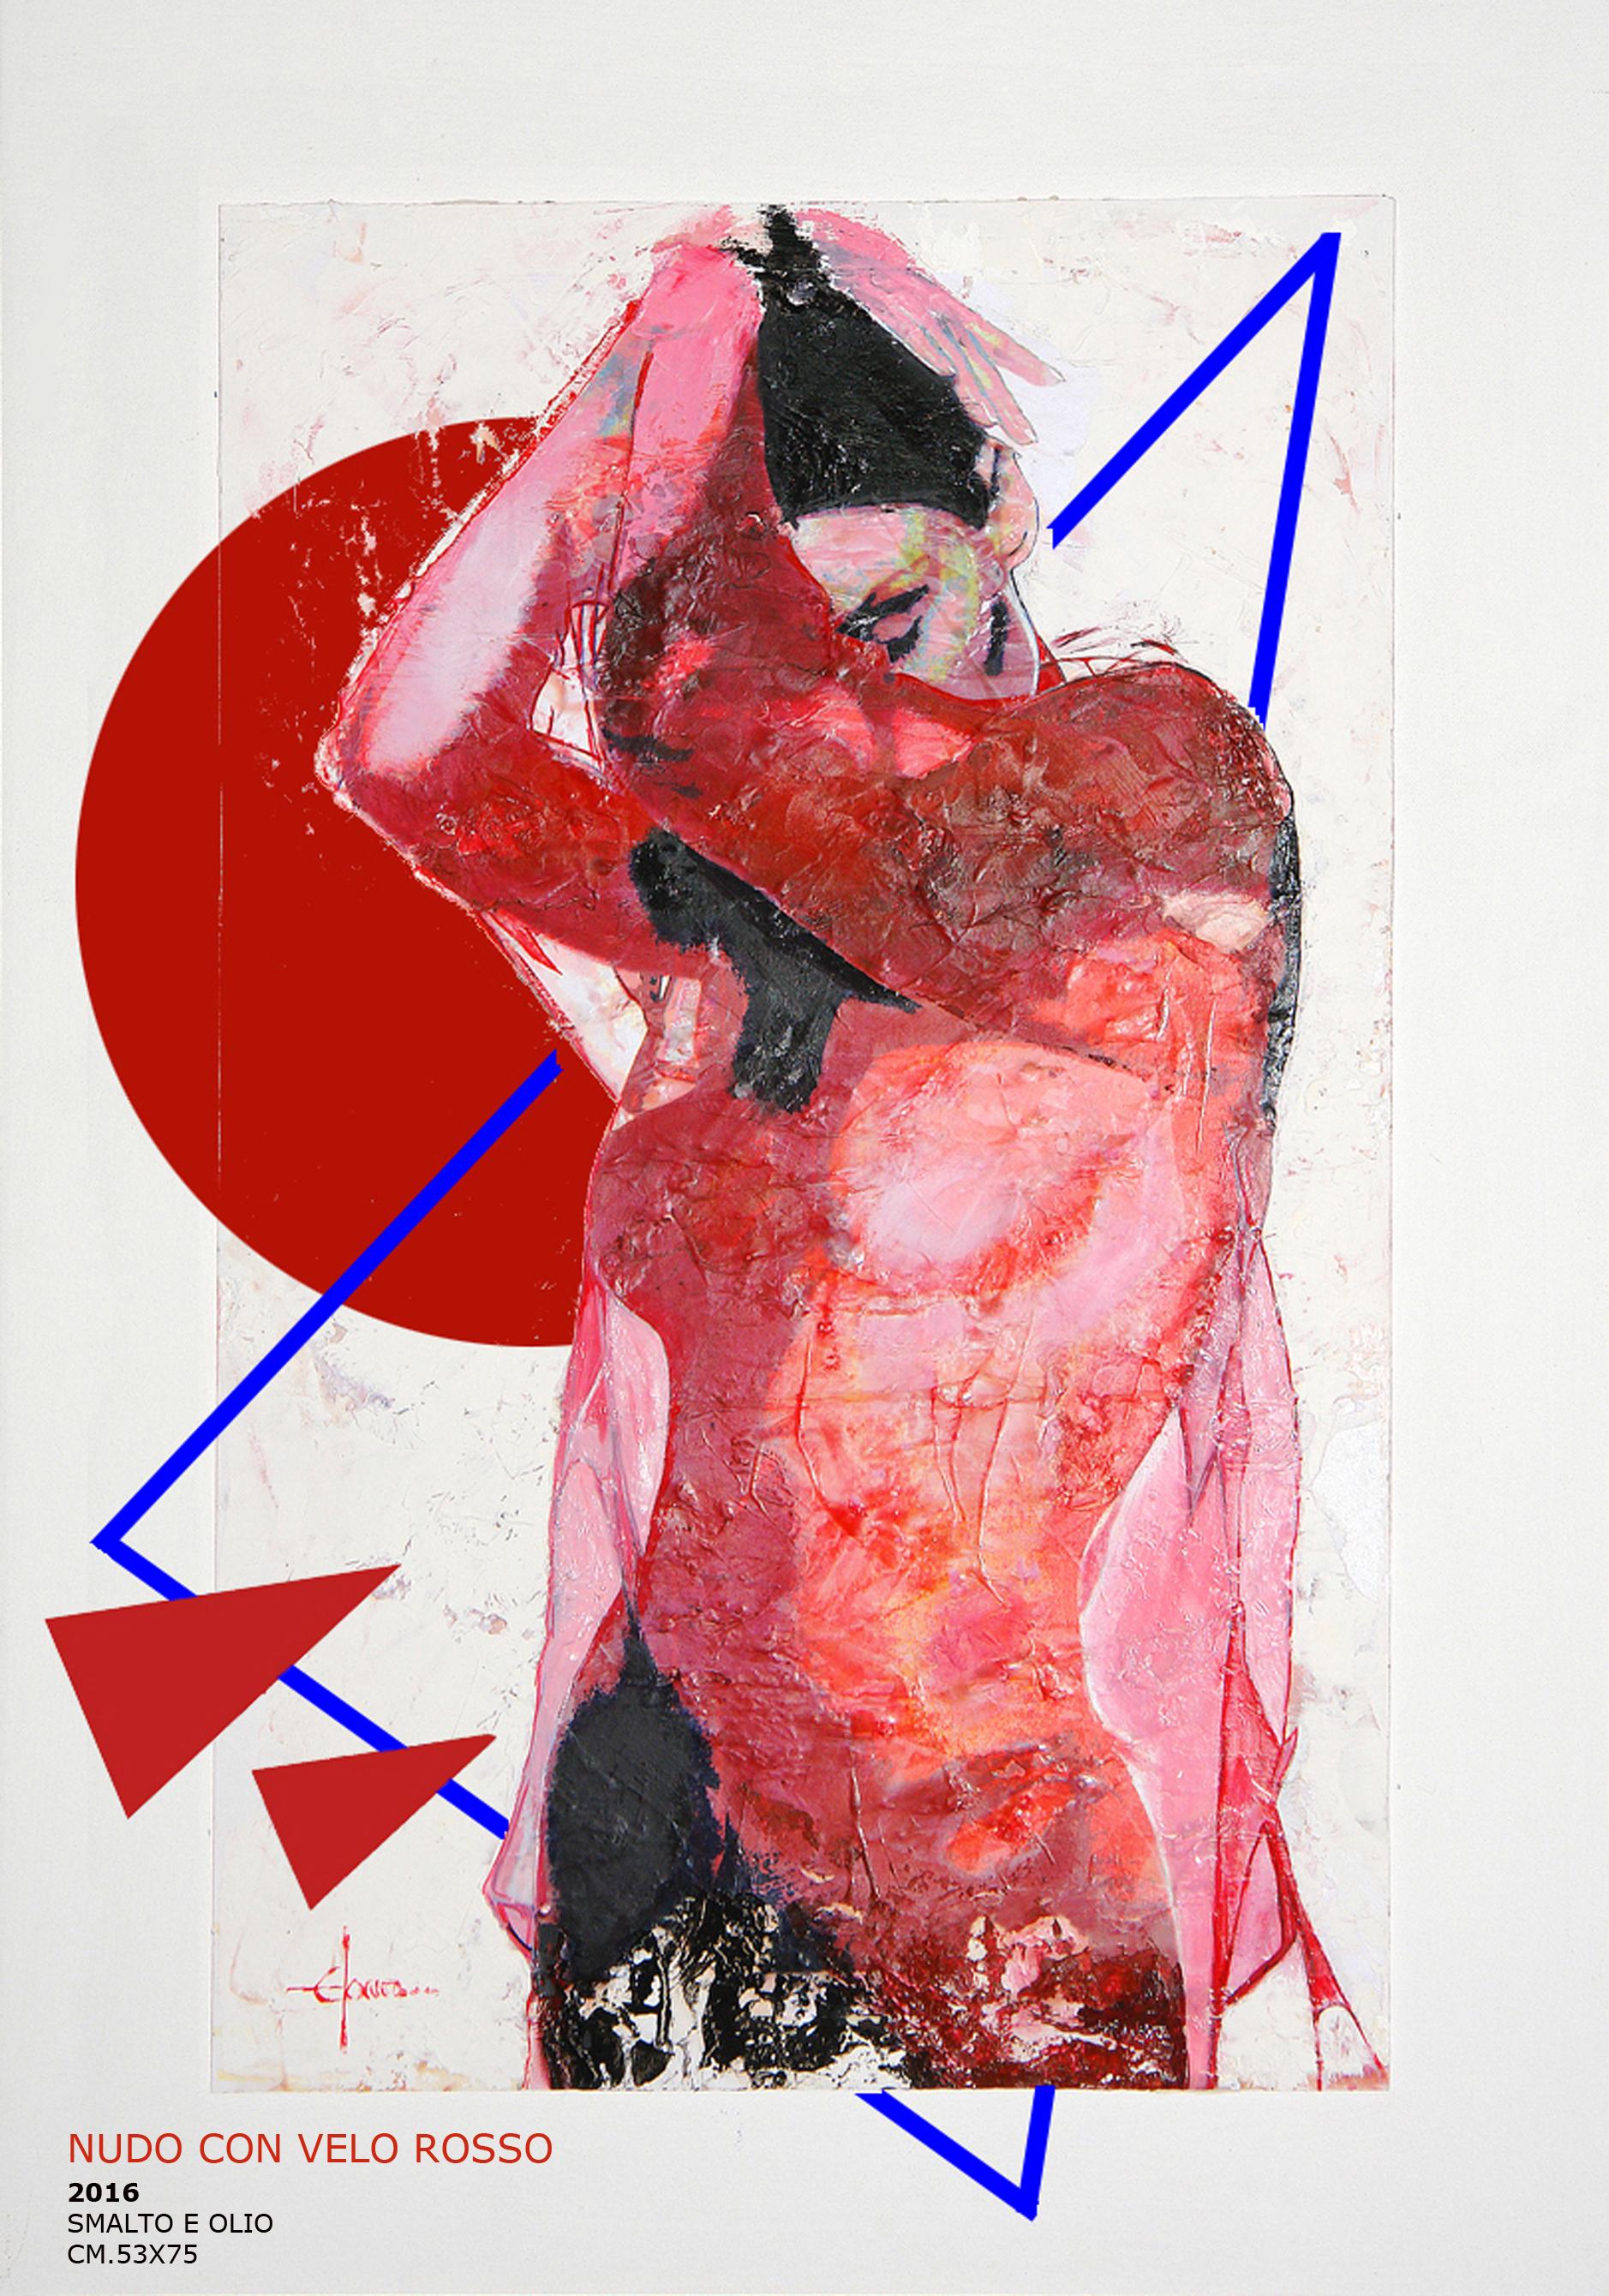 Mickey G Porn Torrent Gratis nudo-con-velo-rosso-tav-53x75-ok-copia - ezio ranaldi